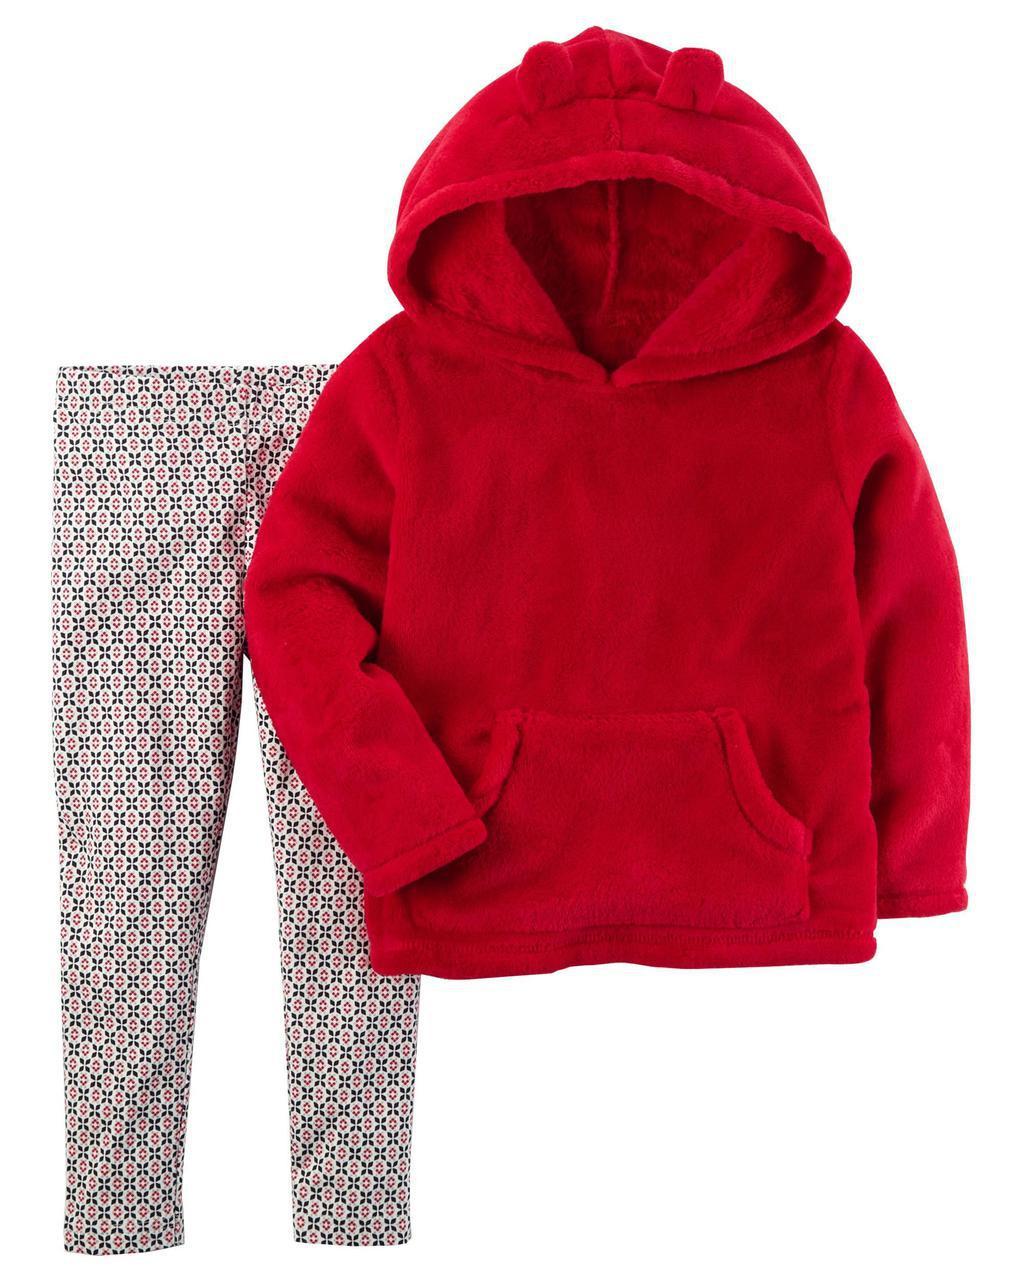 Леггинсы + Теплый пуловер Carters для девочки 18 мес 78-83 см. Набор из 2-х частей